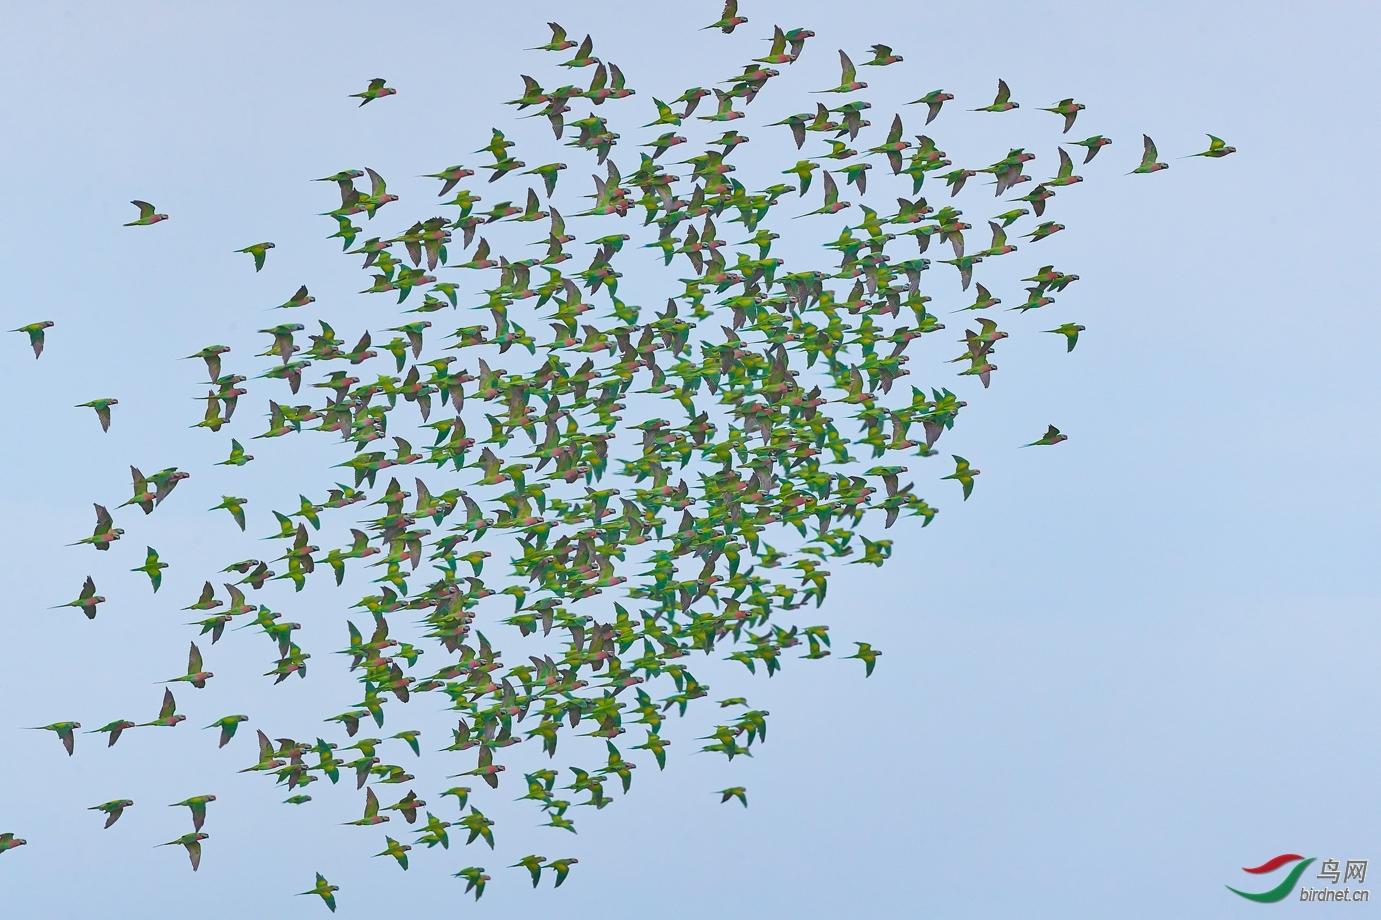 薄发-20202830.鹦鹉集群.jpg